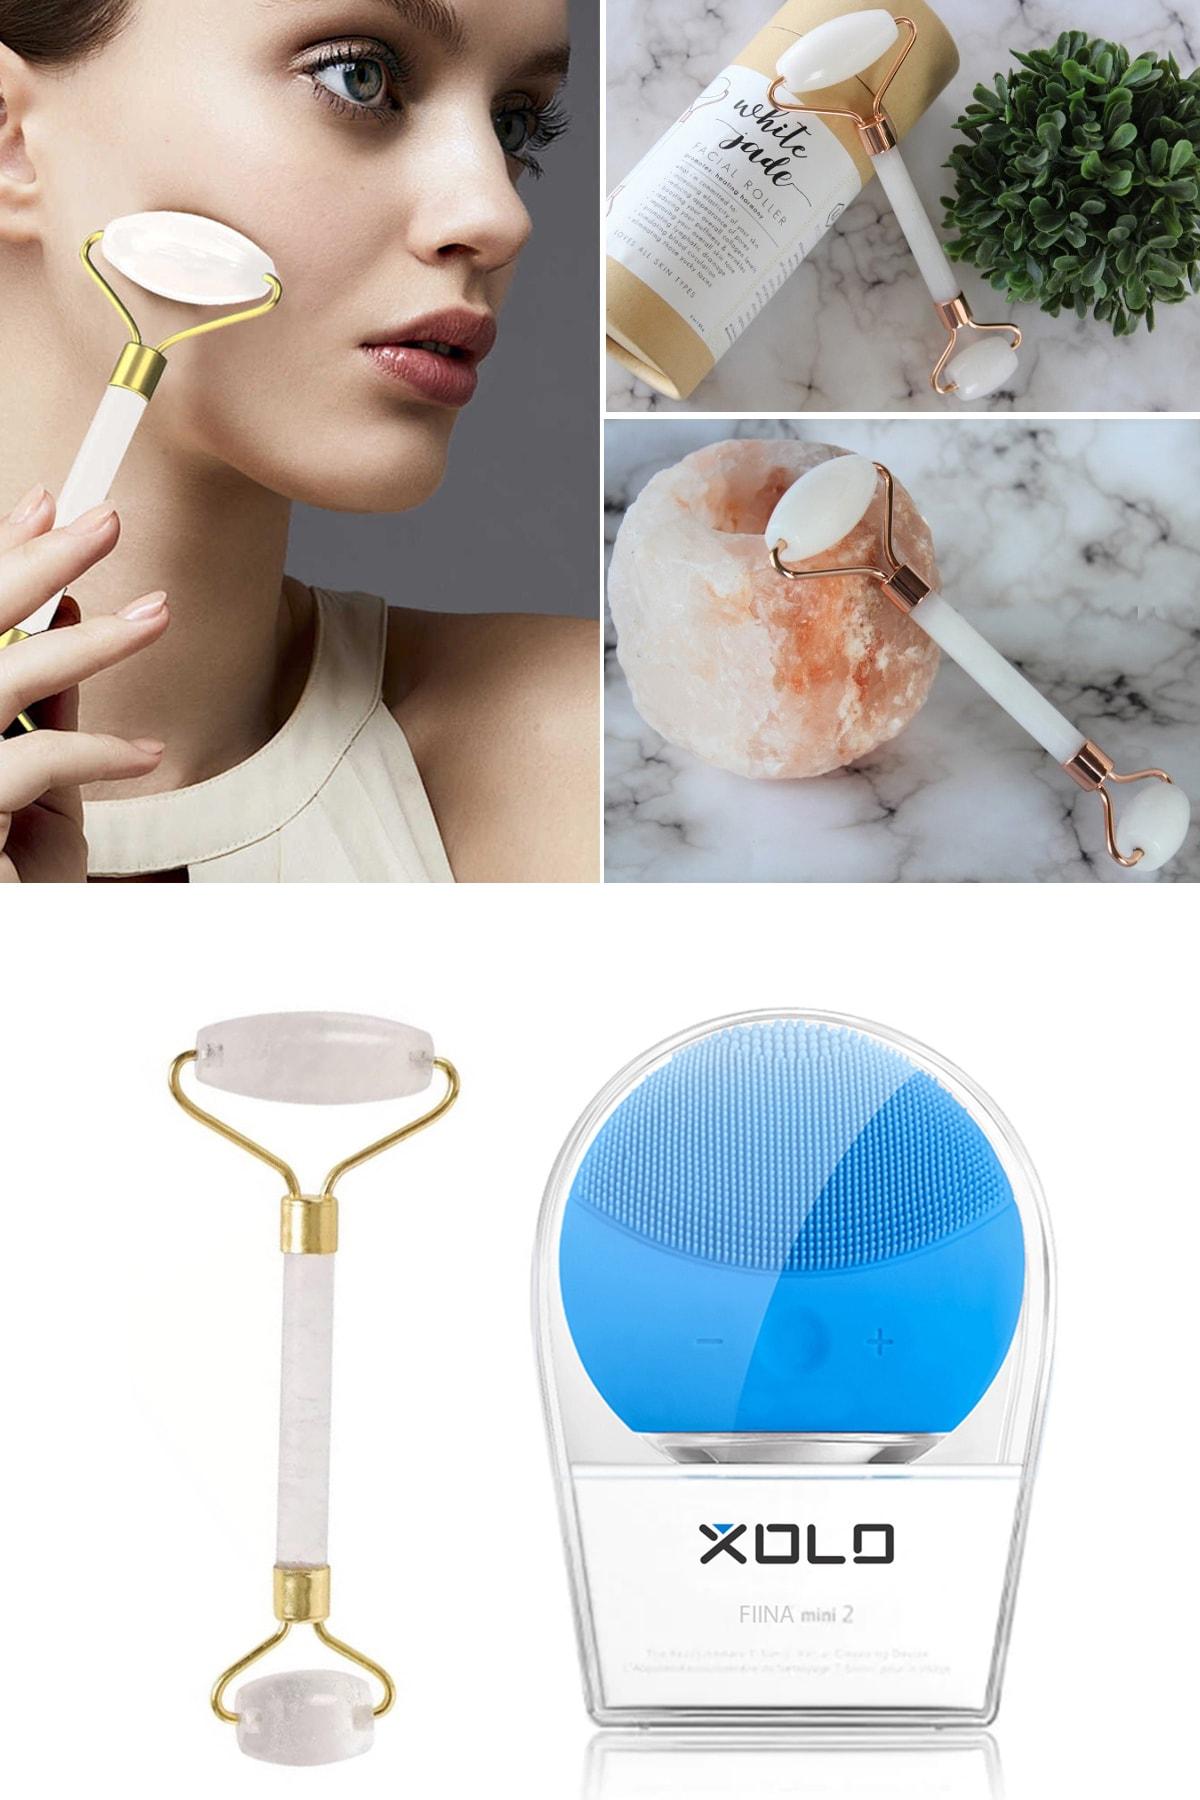 xolo Şarj Edilebilir Mavi Yüz Temizleme Cihazı + Jade Roller Beyaz 2'li Yeşim Taşı Masaj Aleti 2